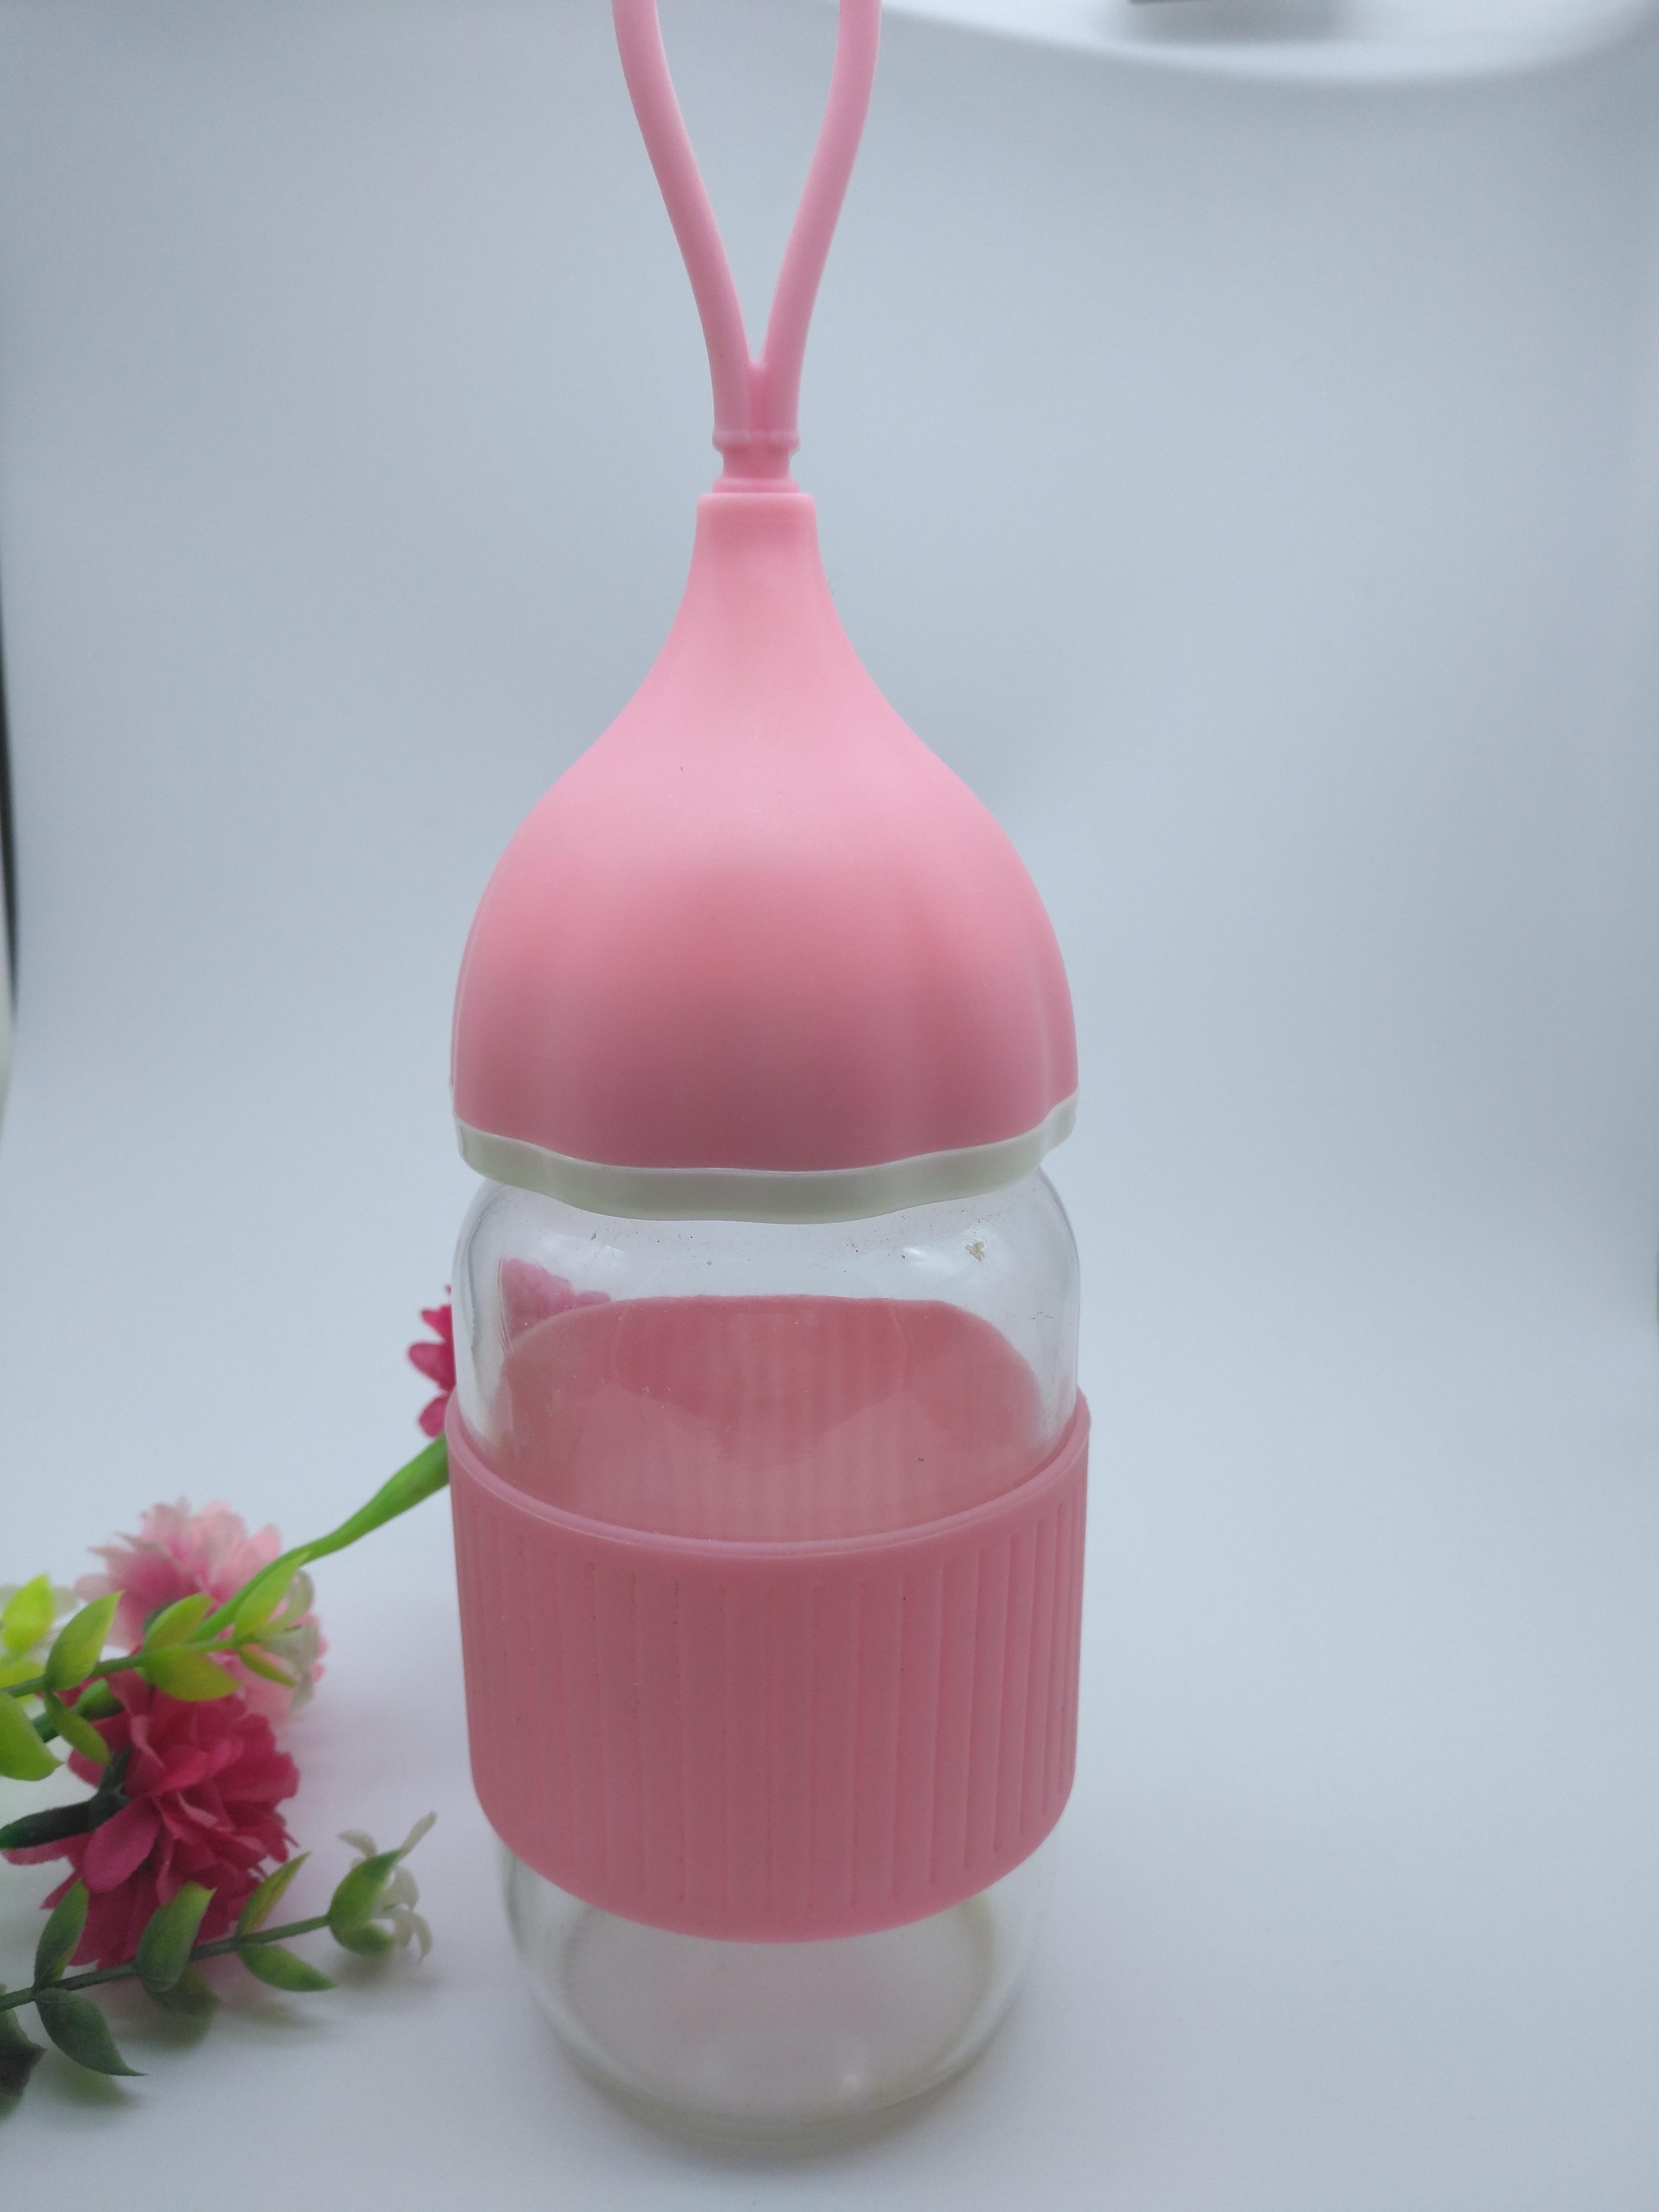 蘑菇杯酷帅杯小爱杯企鹅杯便携杯卡新式玻璃杯小艾杯厂